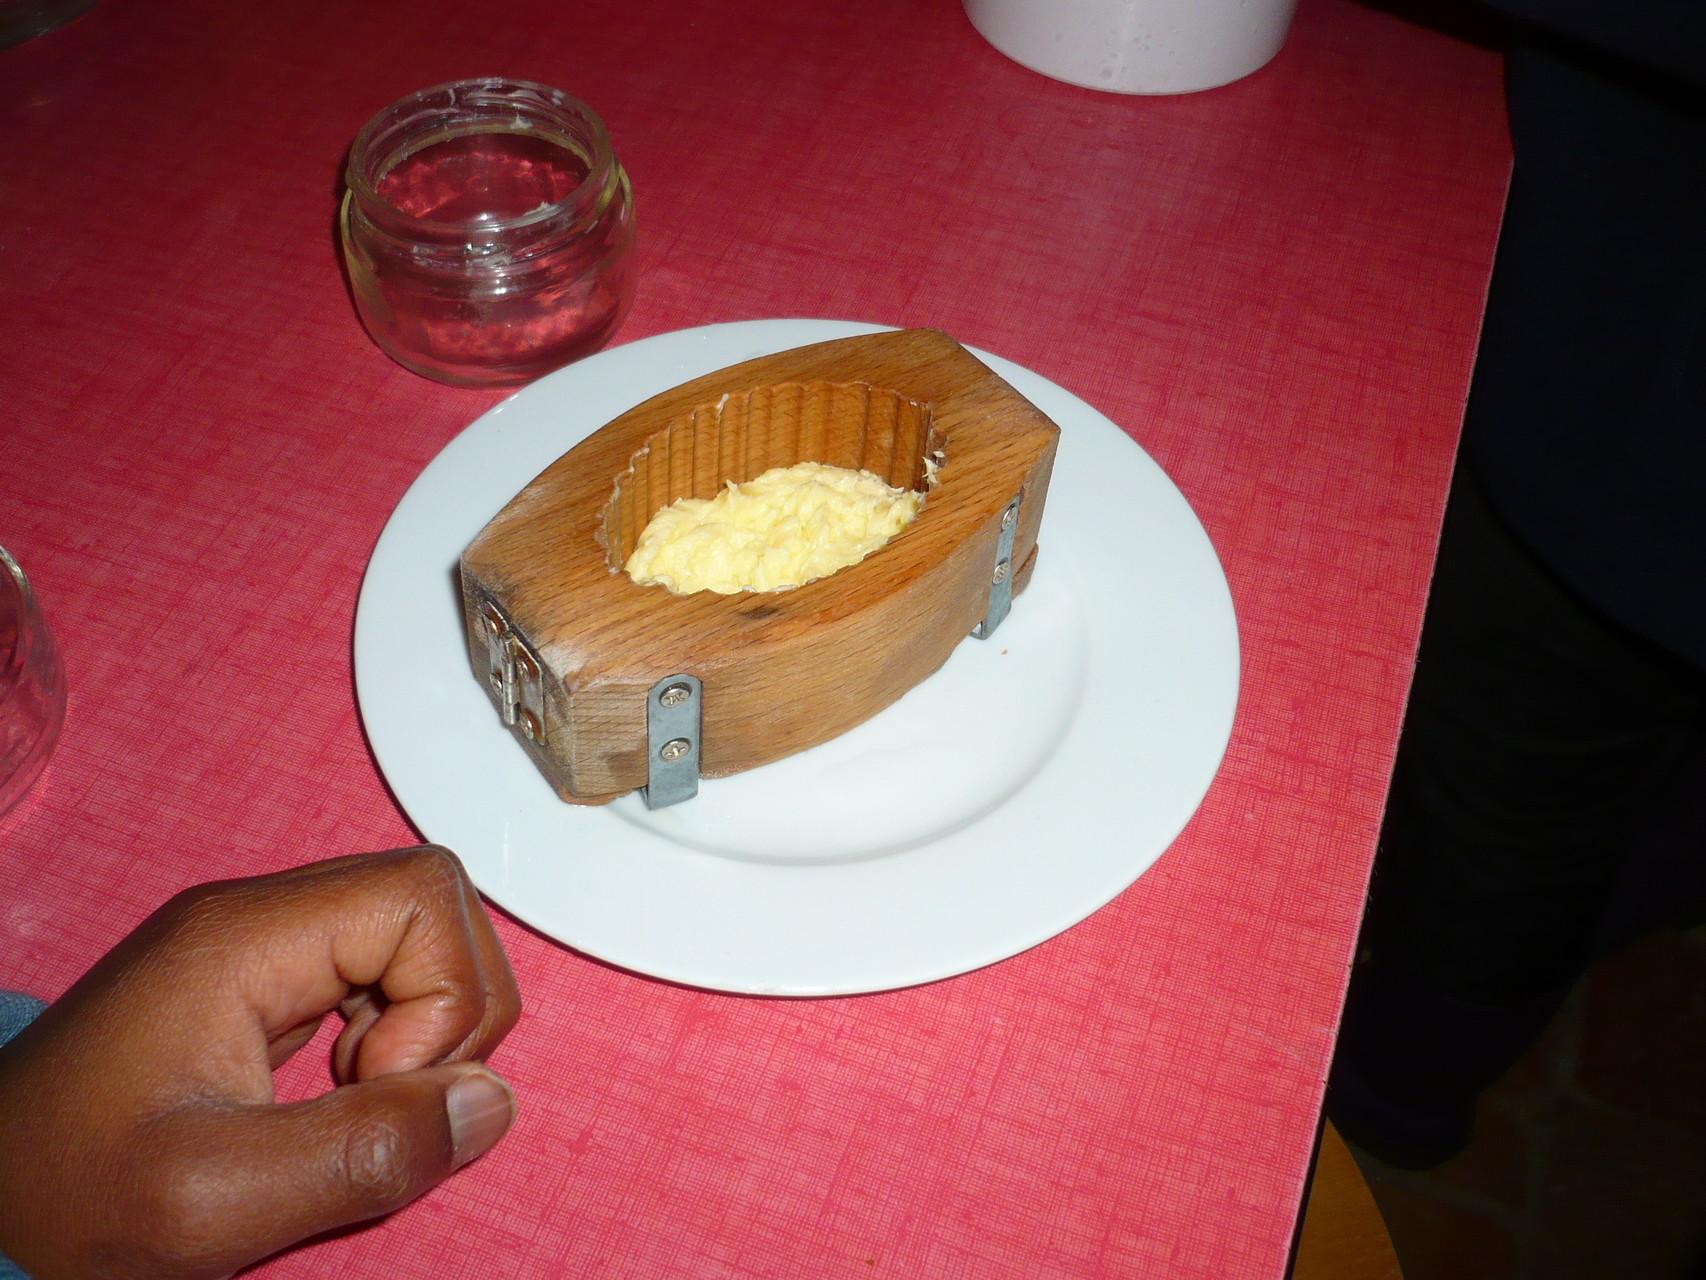 Le moule rempli de beurre © UNAT Centre